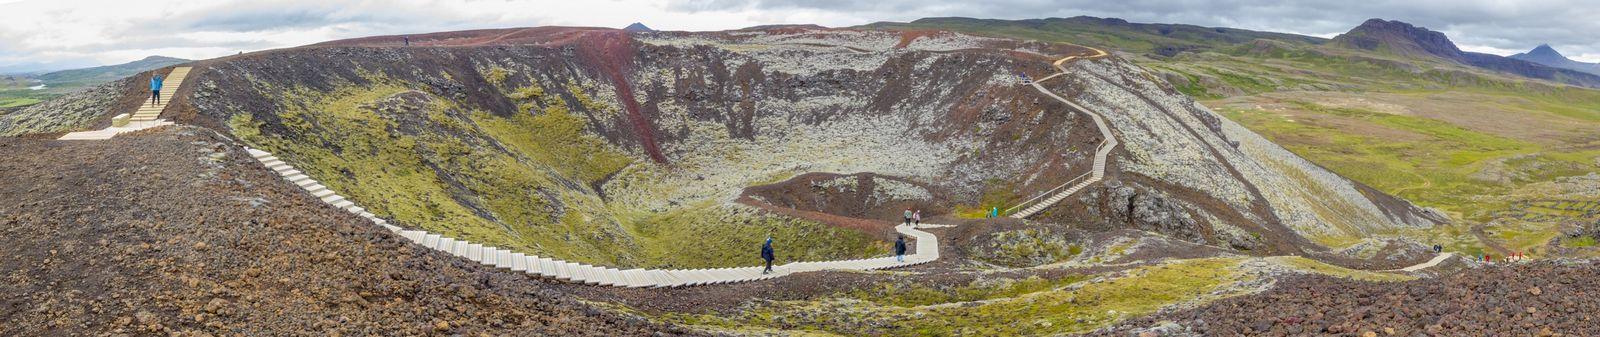 Las vistas al interior de Grábrók